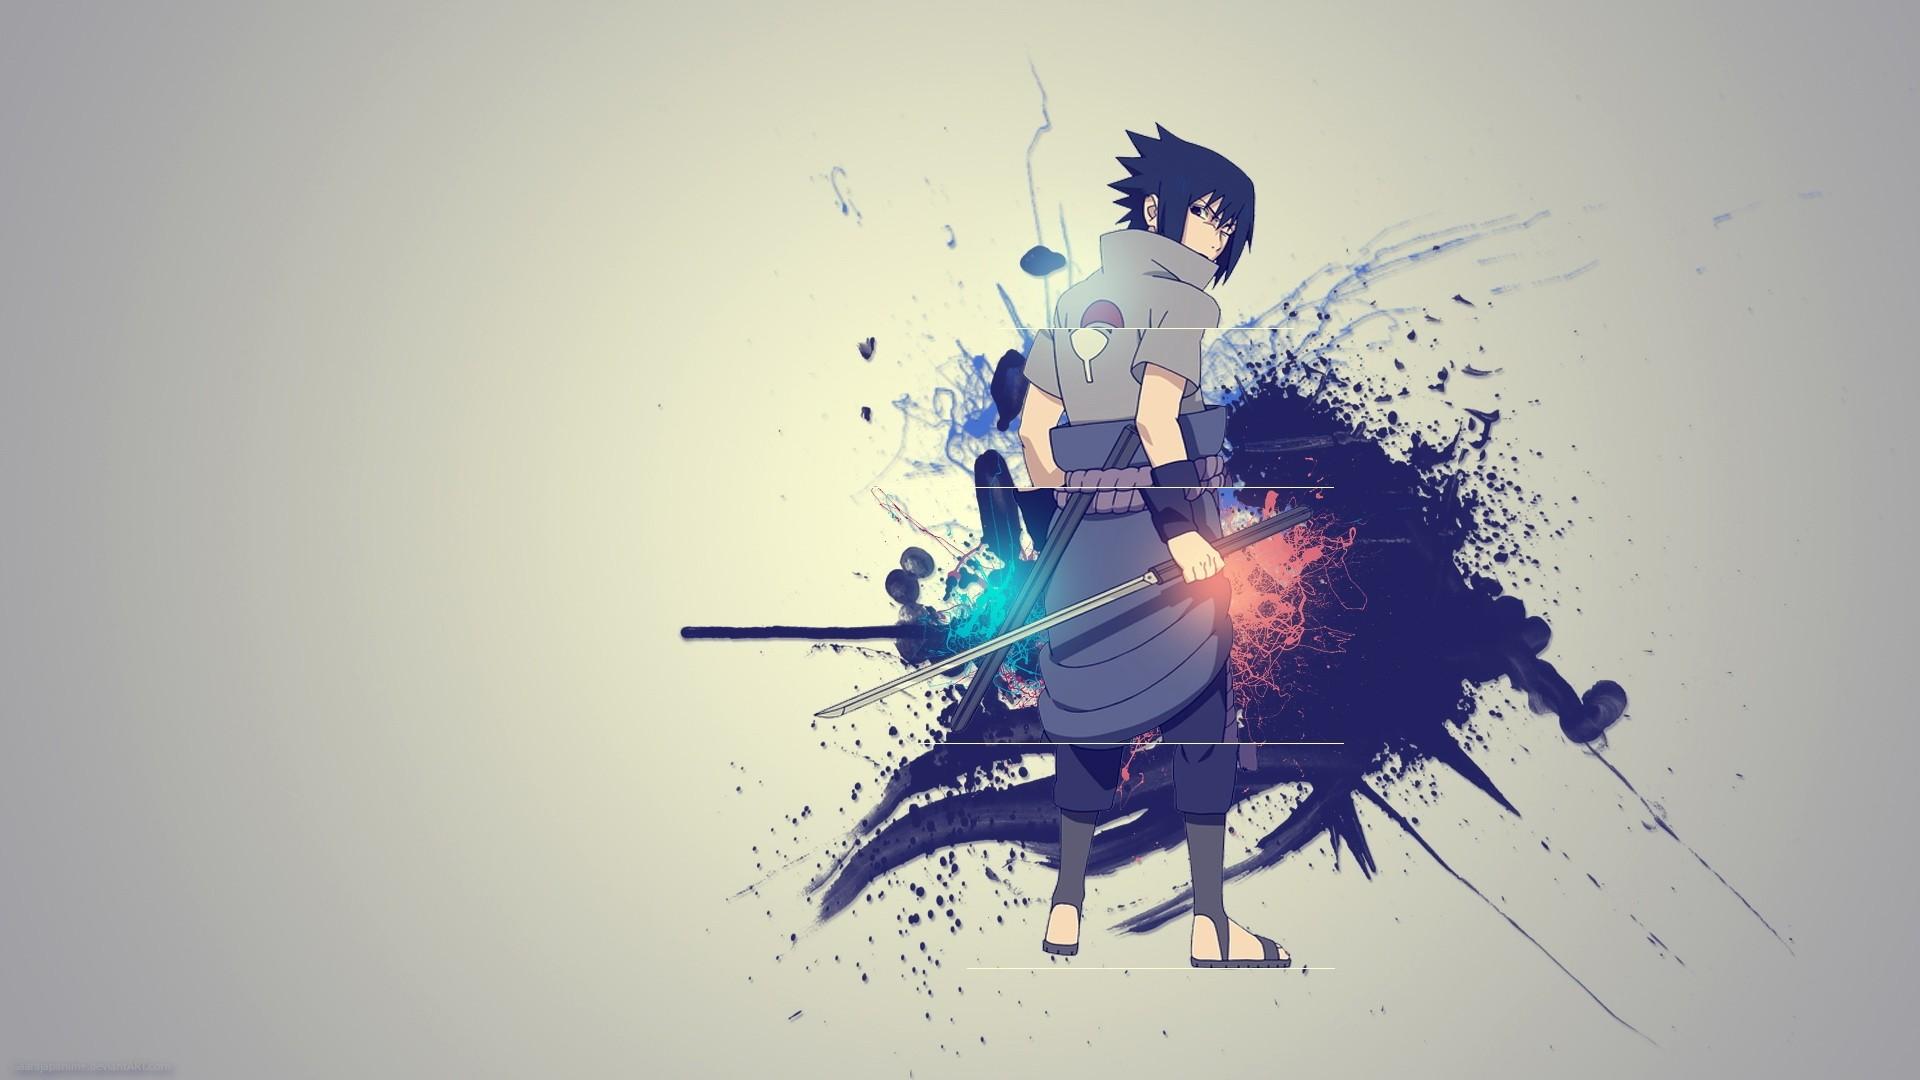 Uchiha Sasuke Naruto Shippuden Exclusive HD Wallpapers 4620 1920x1080